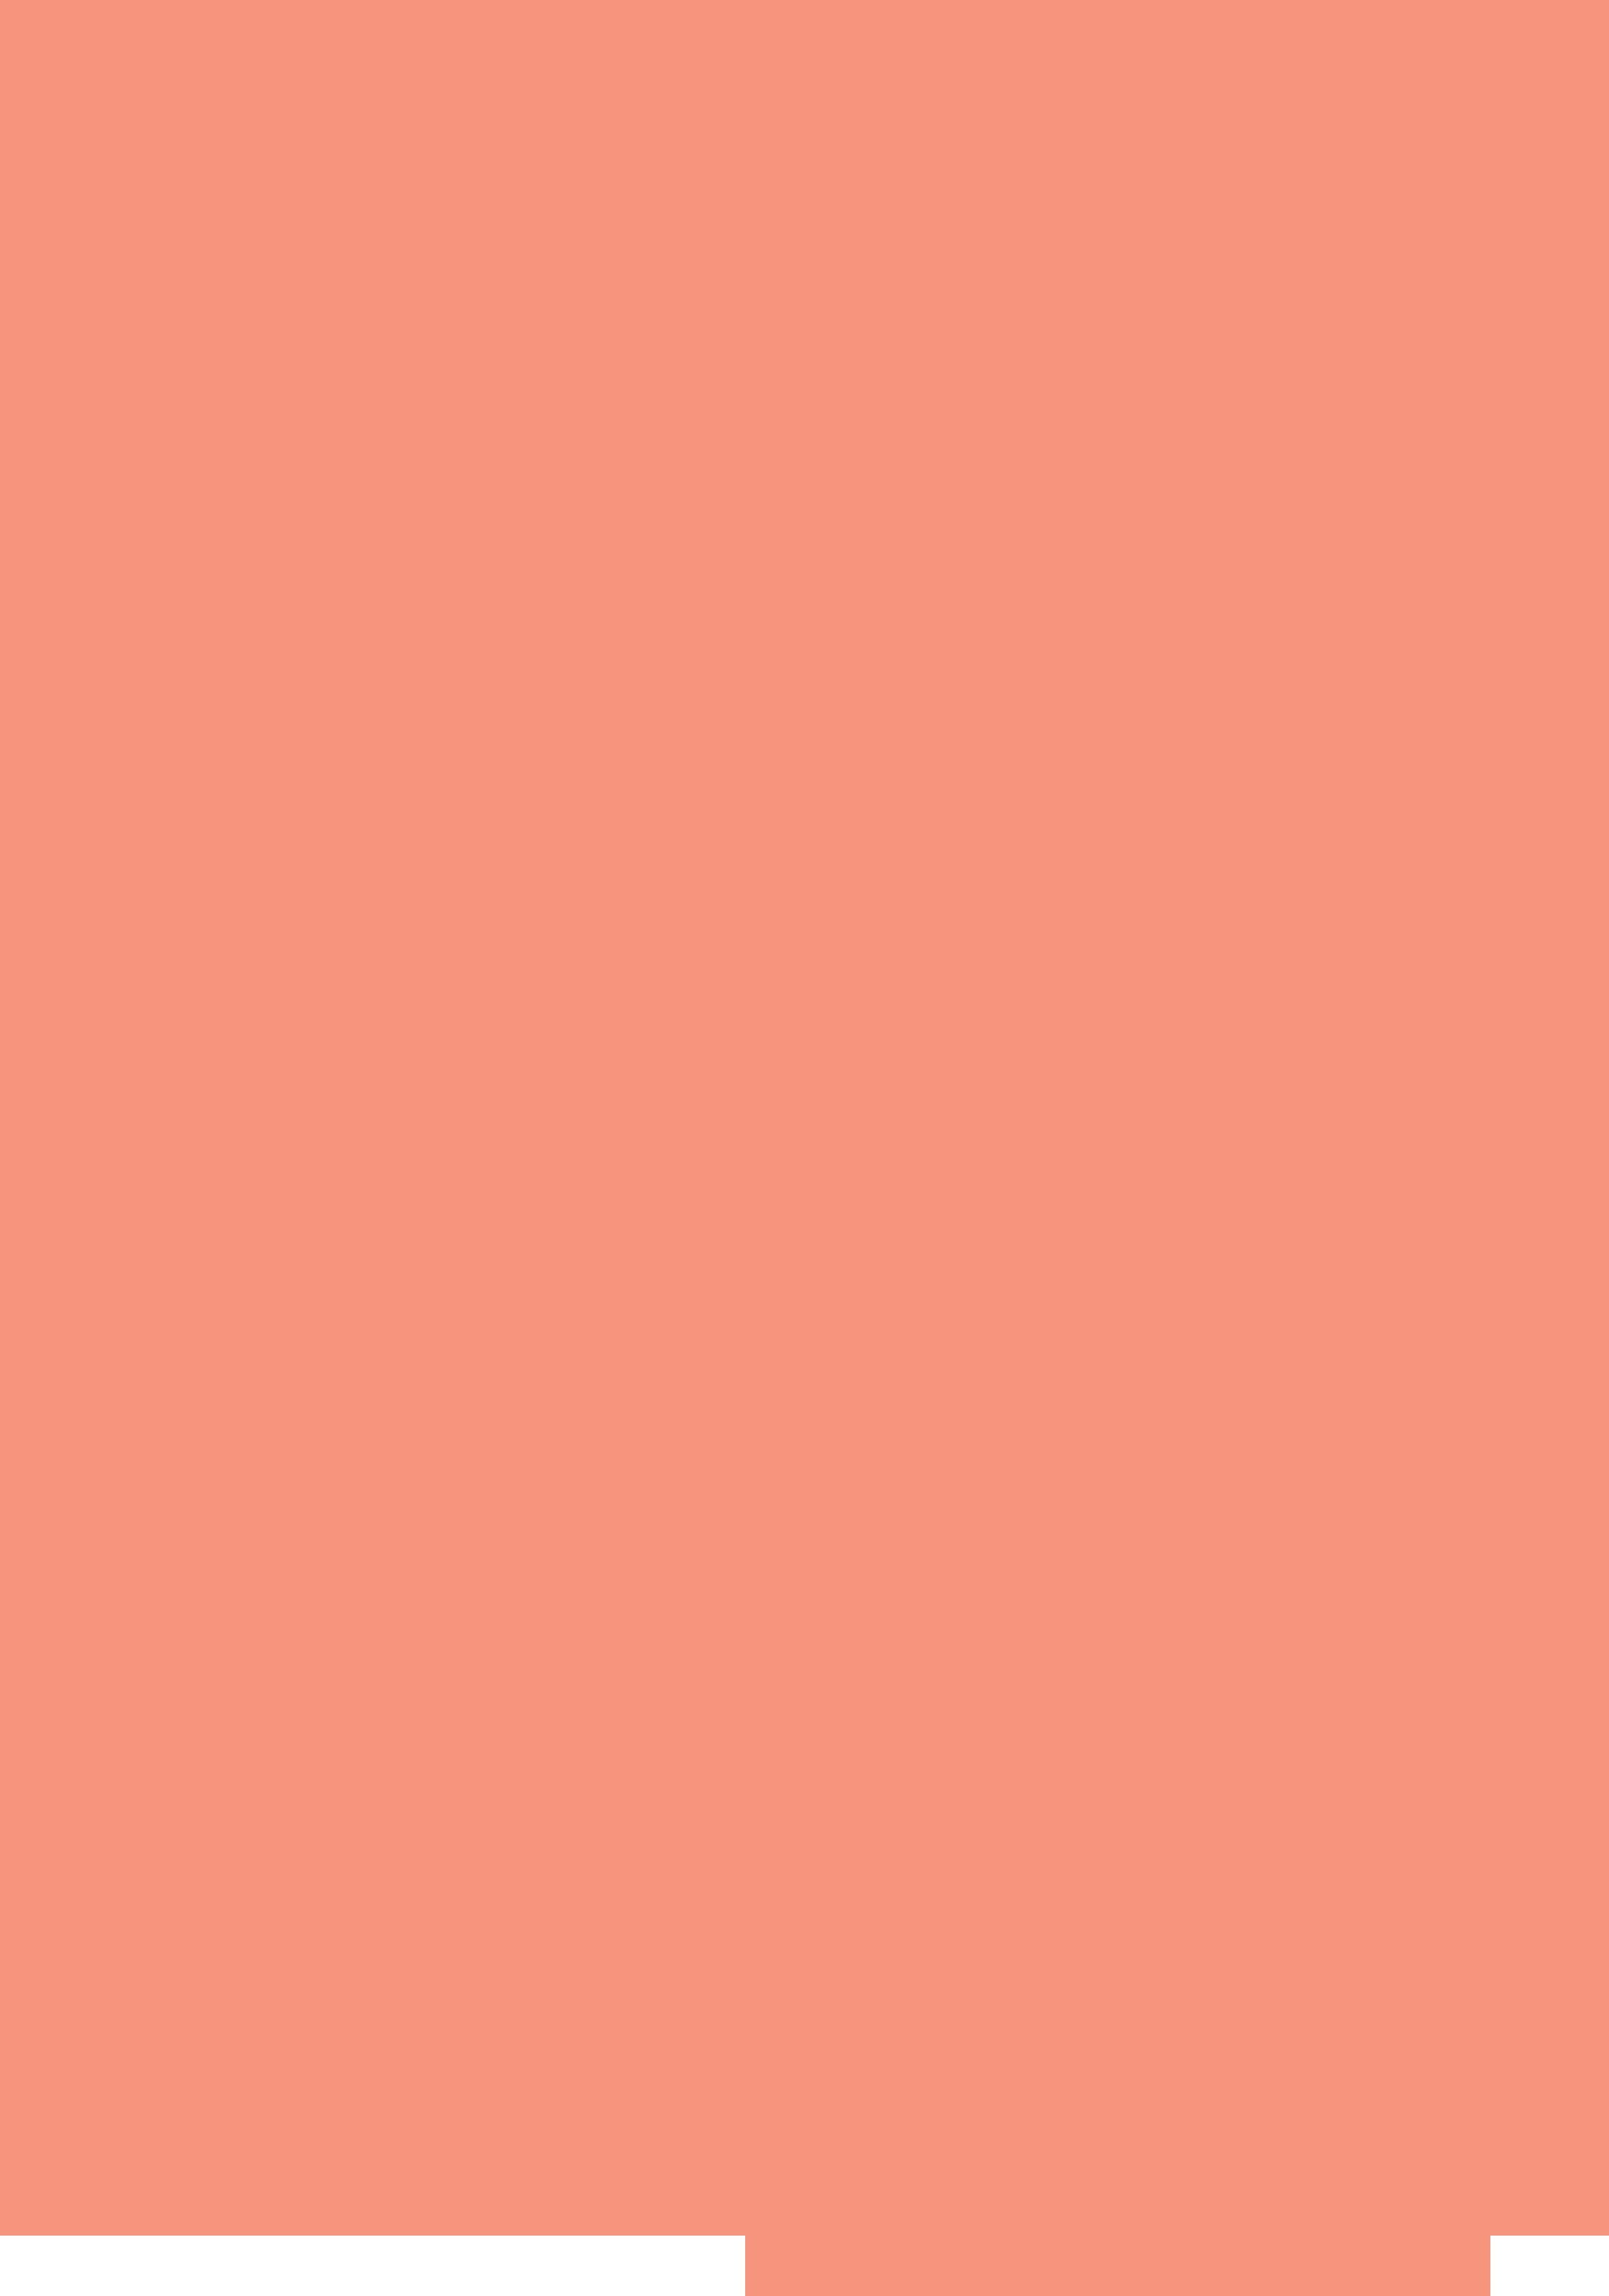 FC Logo (Color F7947D)